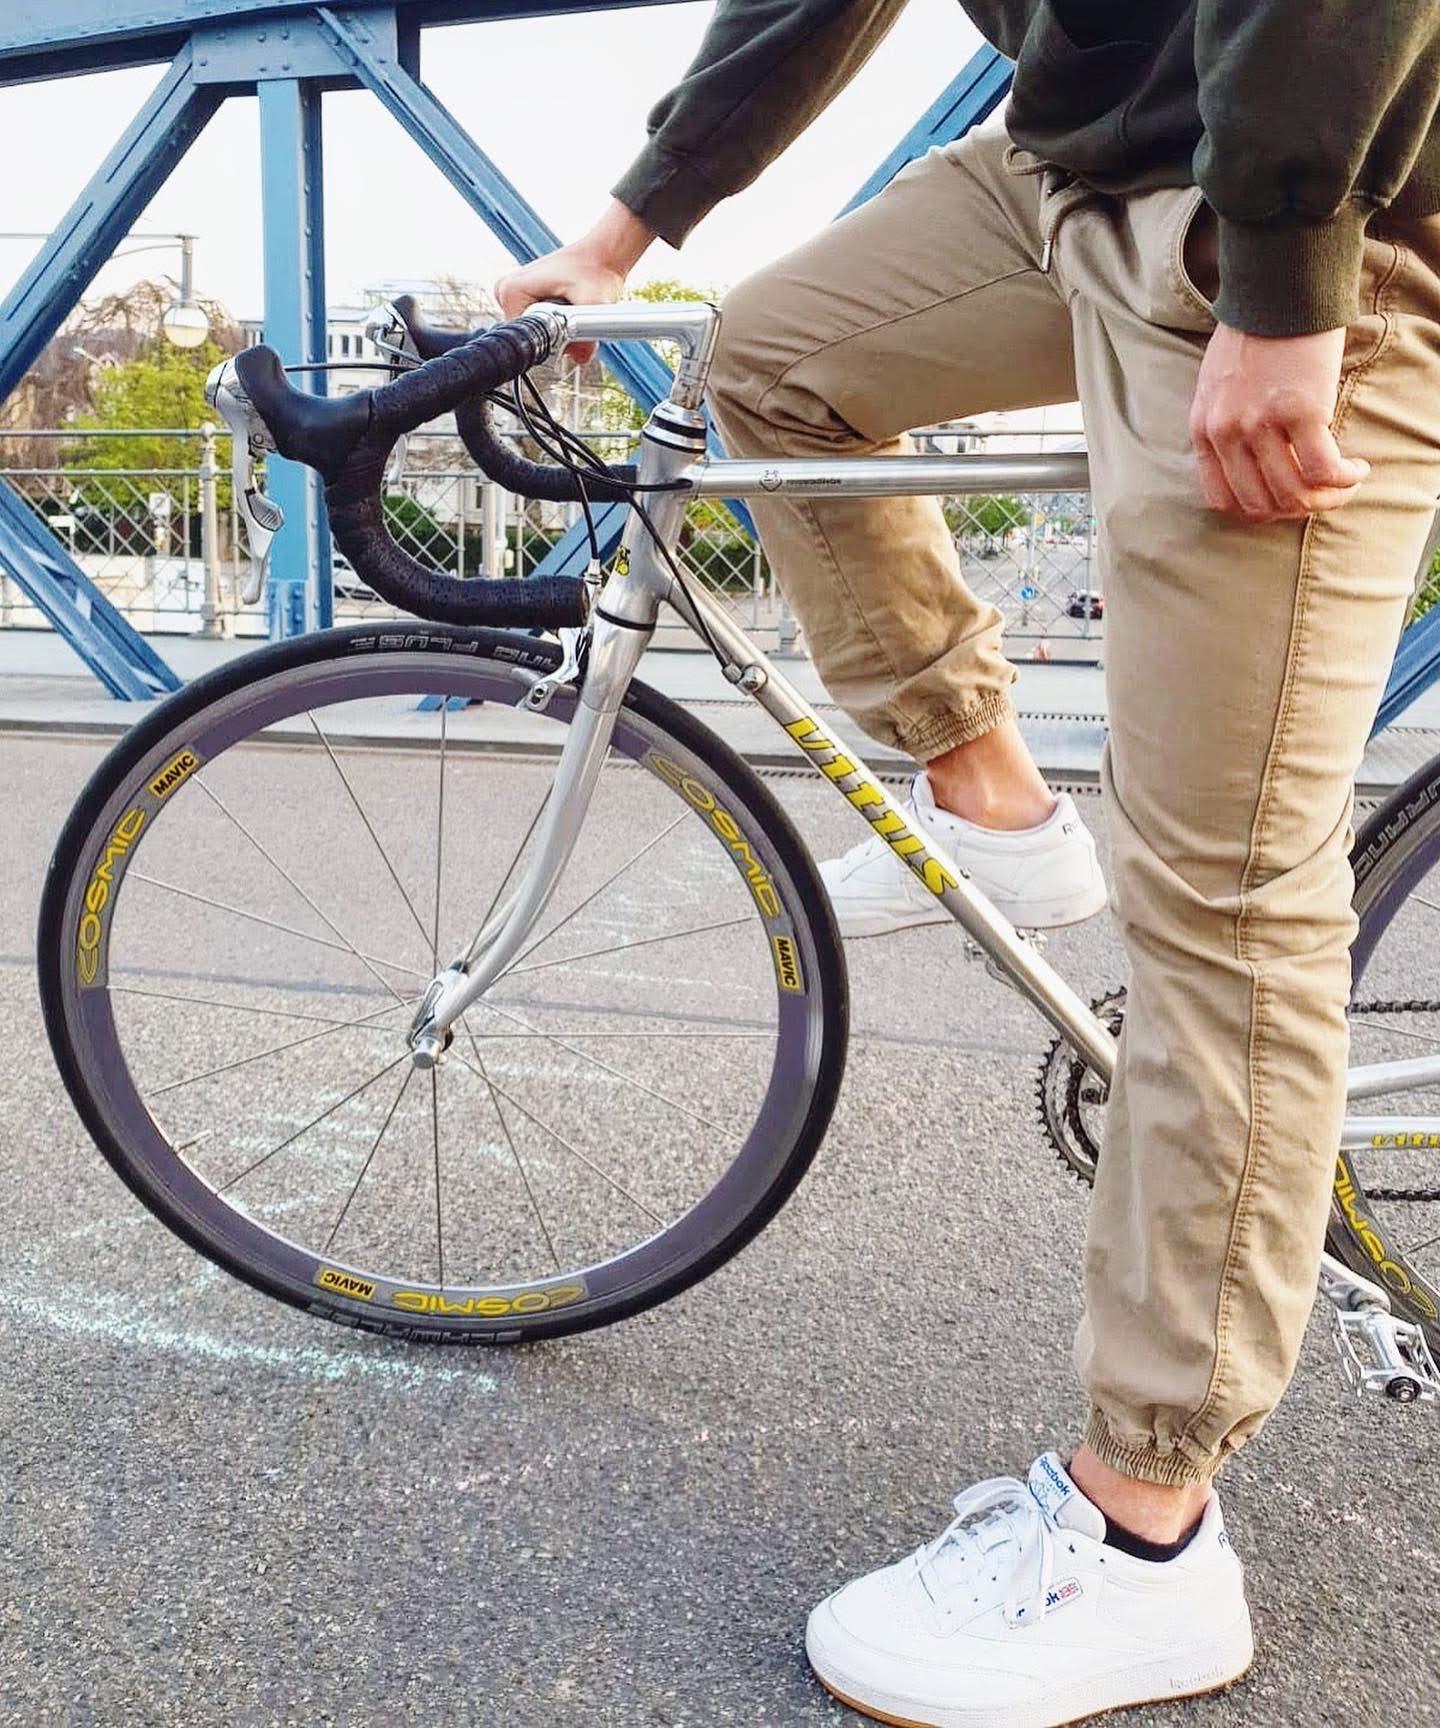 Rennradliebe auf einer Brücke, mit Person